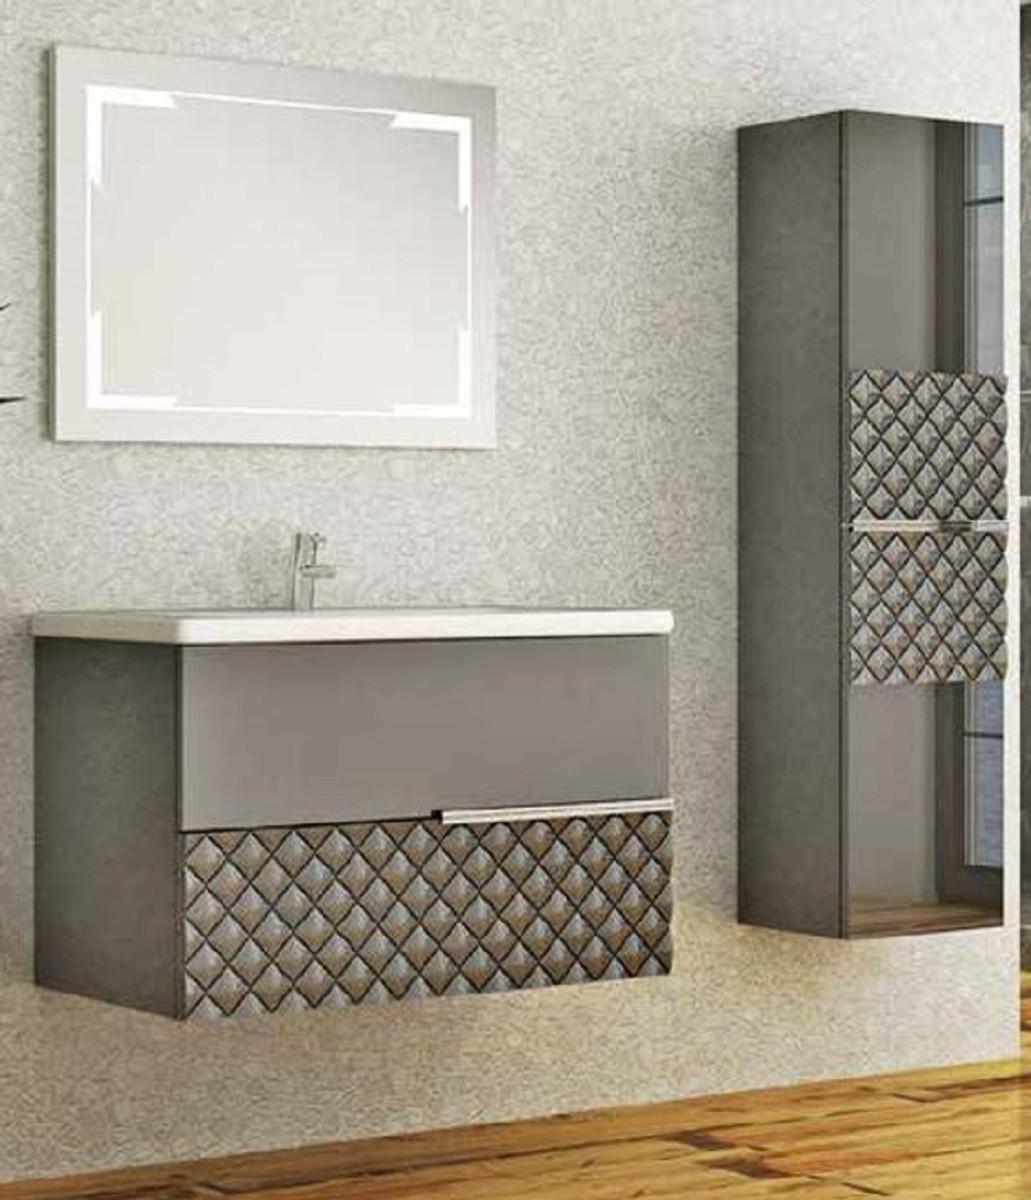 Badezimmer Set Grau Weiß